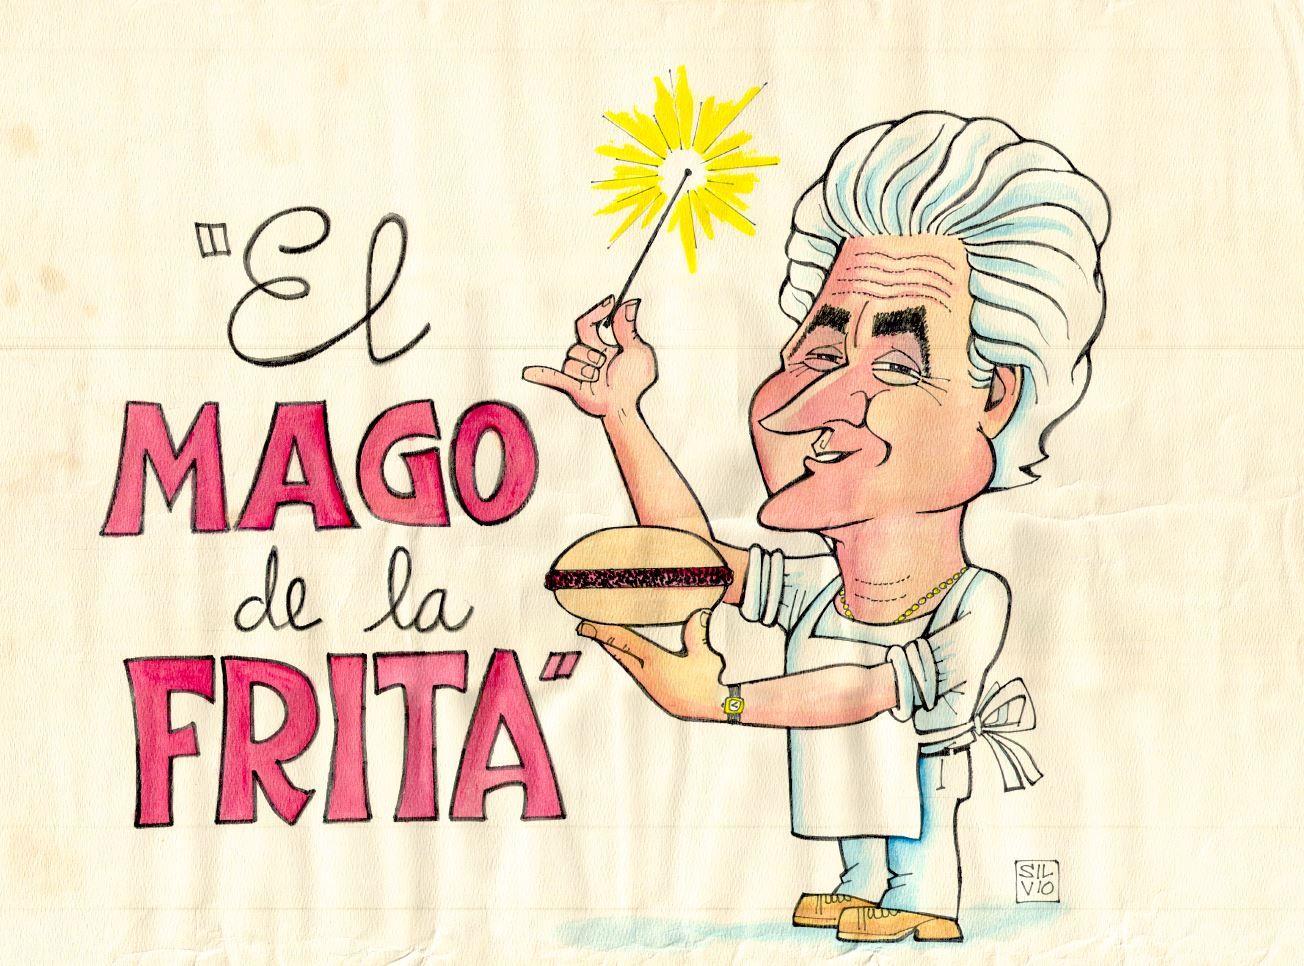 El Mago de las Fritas logo